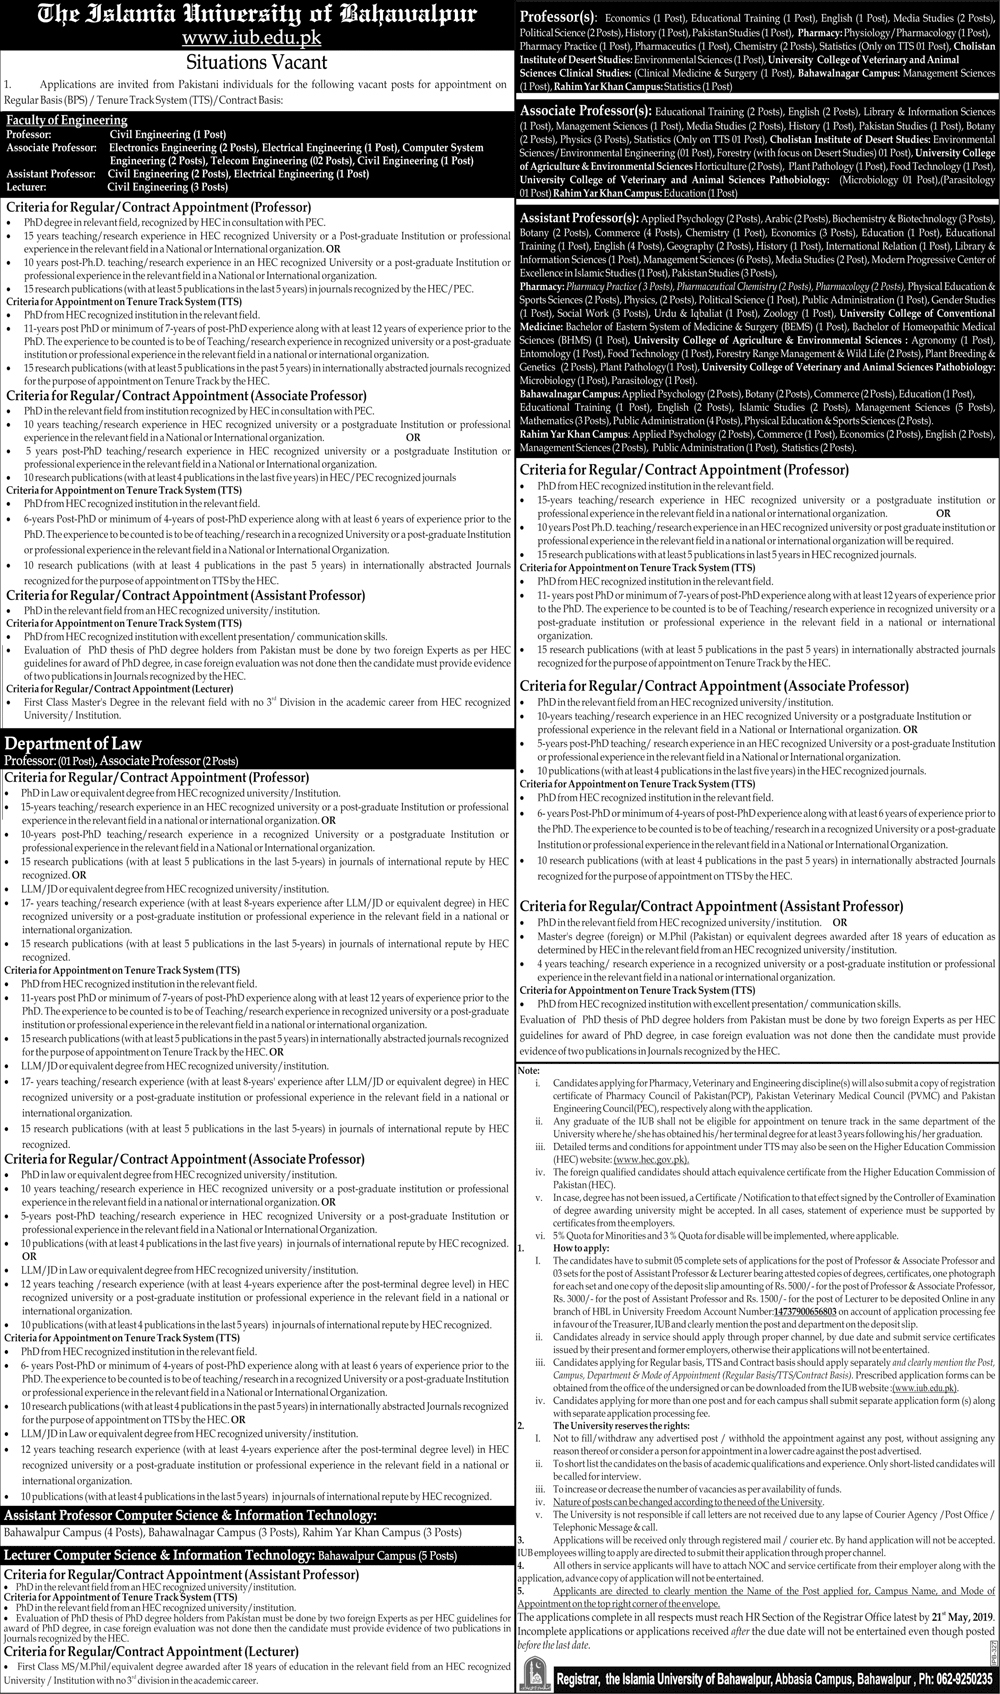 he Islamia University of Bahawalpur Apr 2019 Jobs